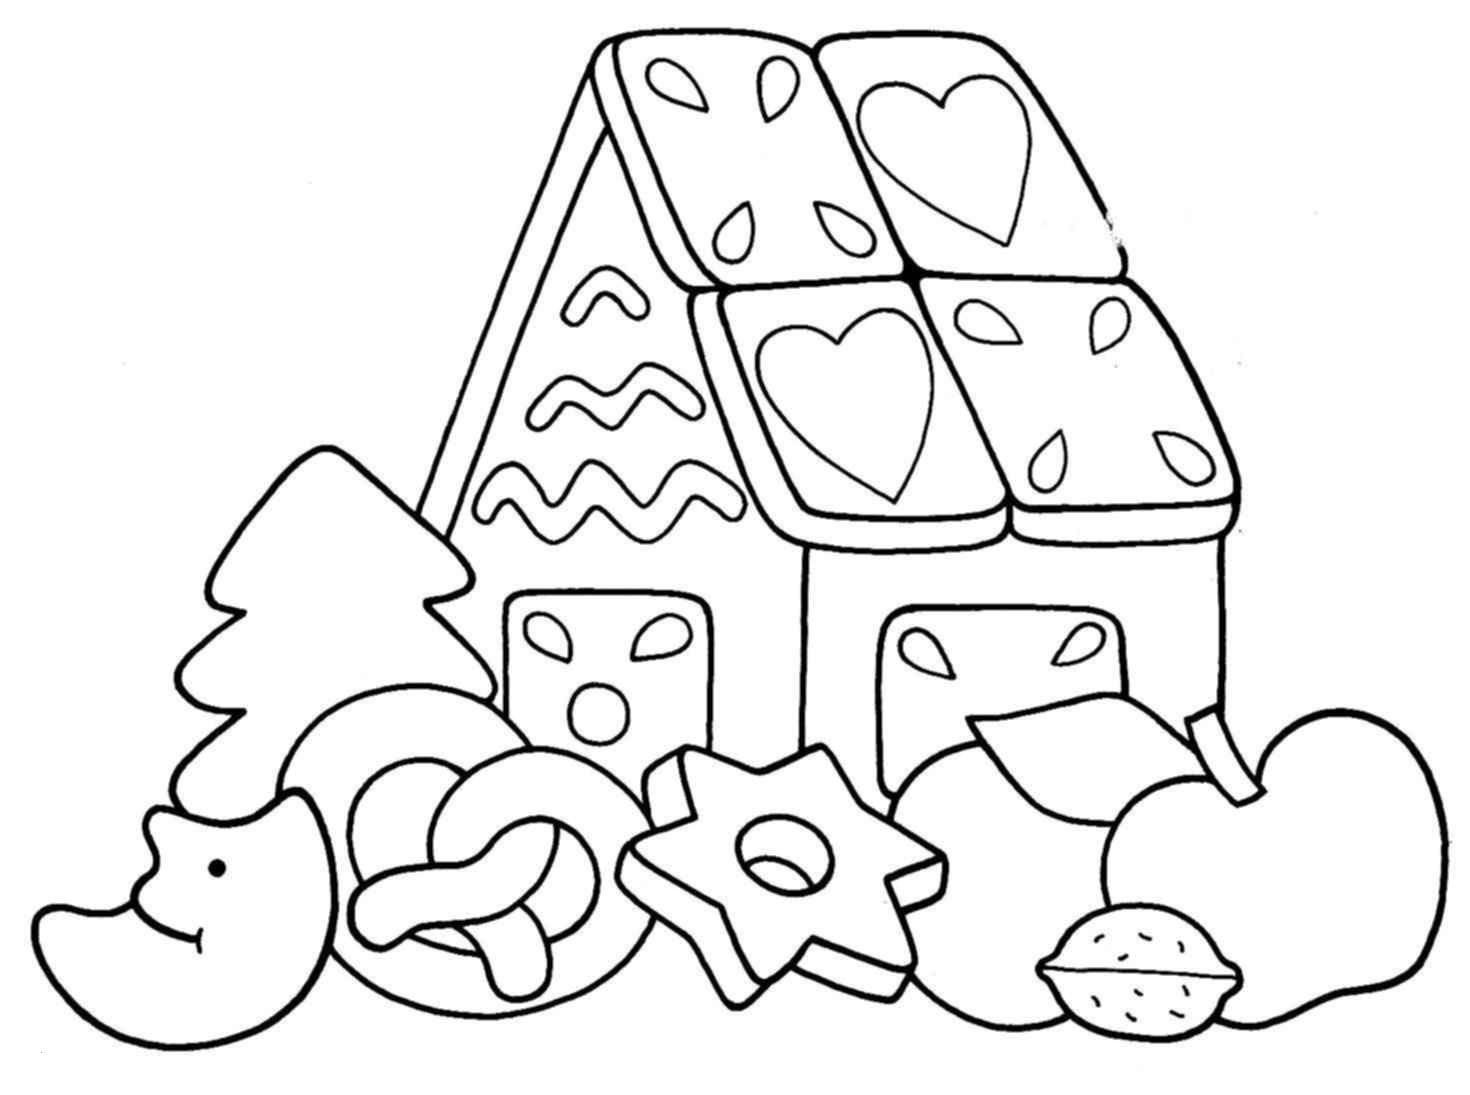 Verkehrserziehung Kindergarten Ausmalbilder Einzigartig Weltall Ausmalbilder Einzigartig Malvorlagen Ostern Kostenlos Das Bild